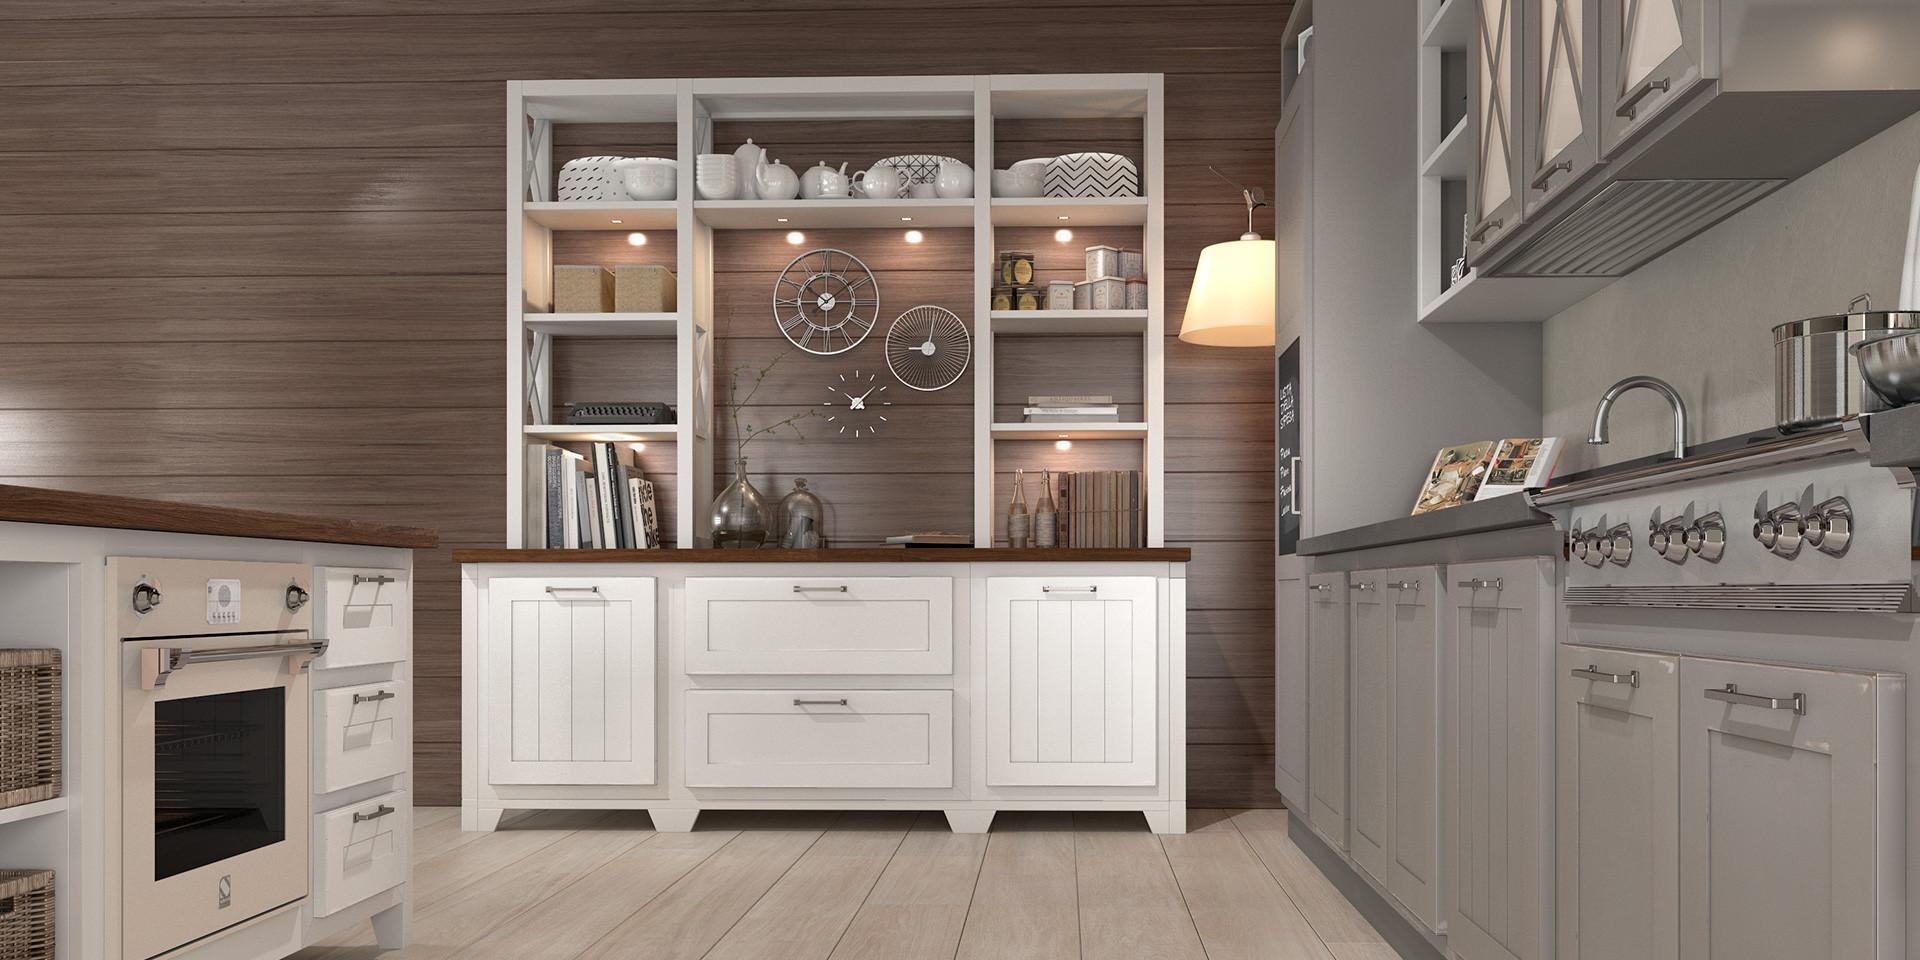 Frezowane fronty to jeden z wyznaczników stylu rustykalnego w kuchni. Fot. Lube